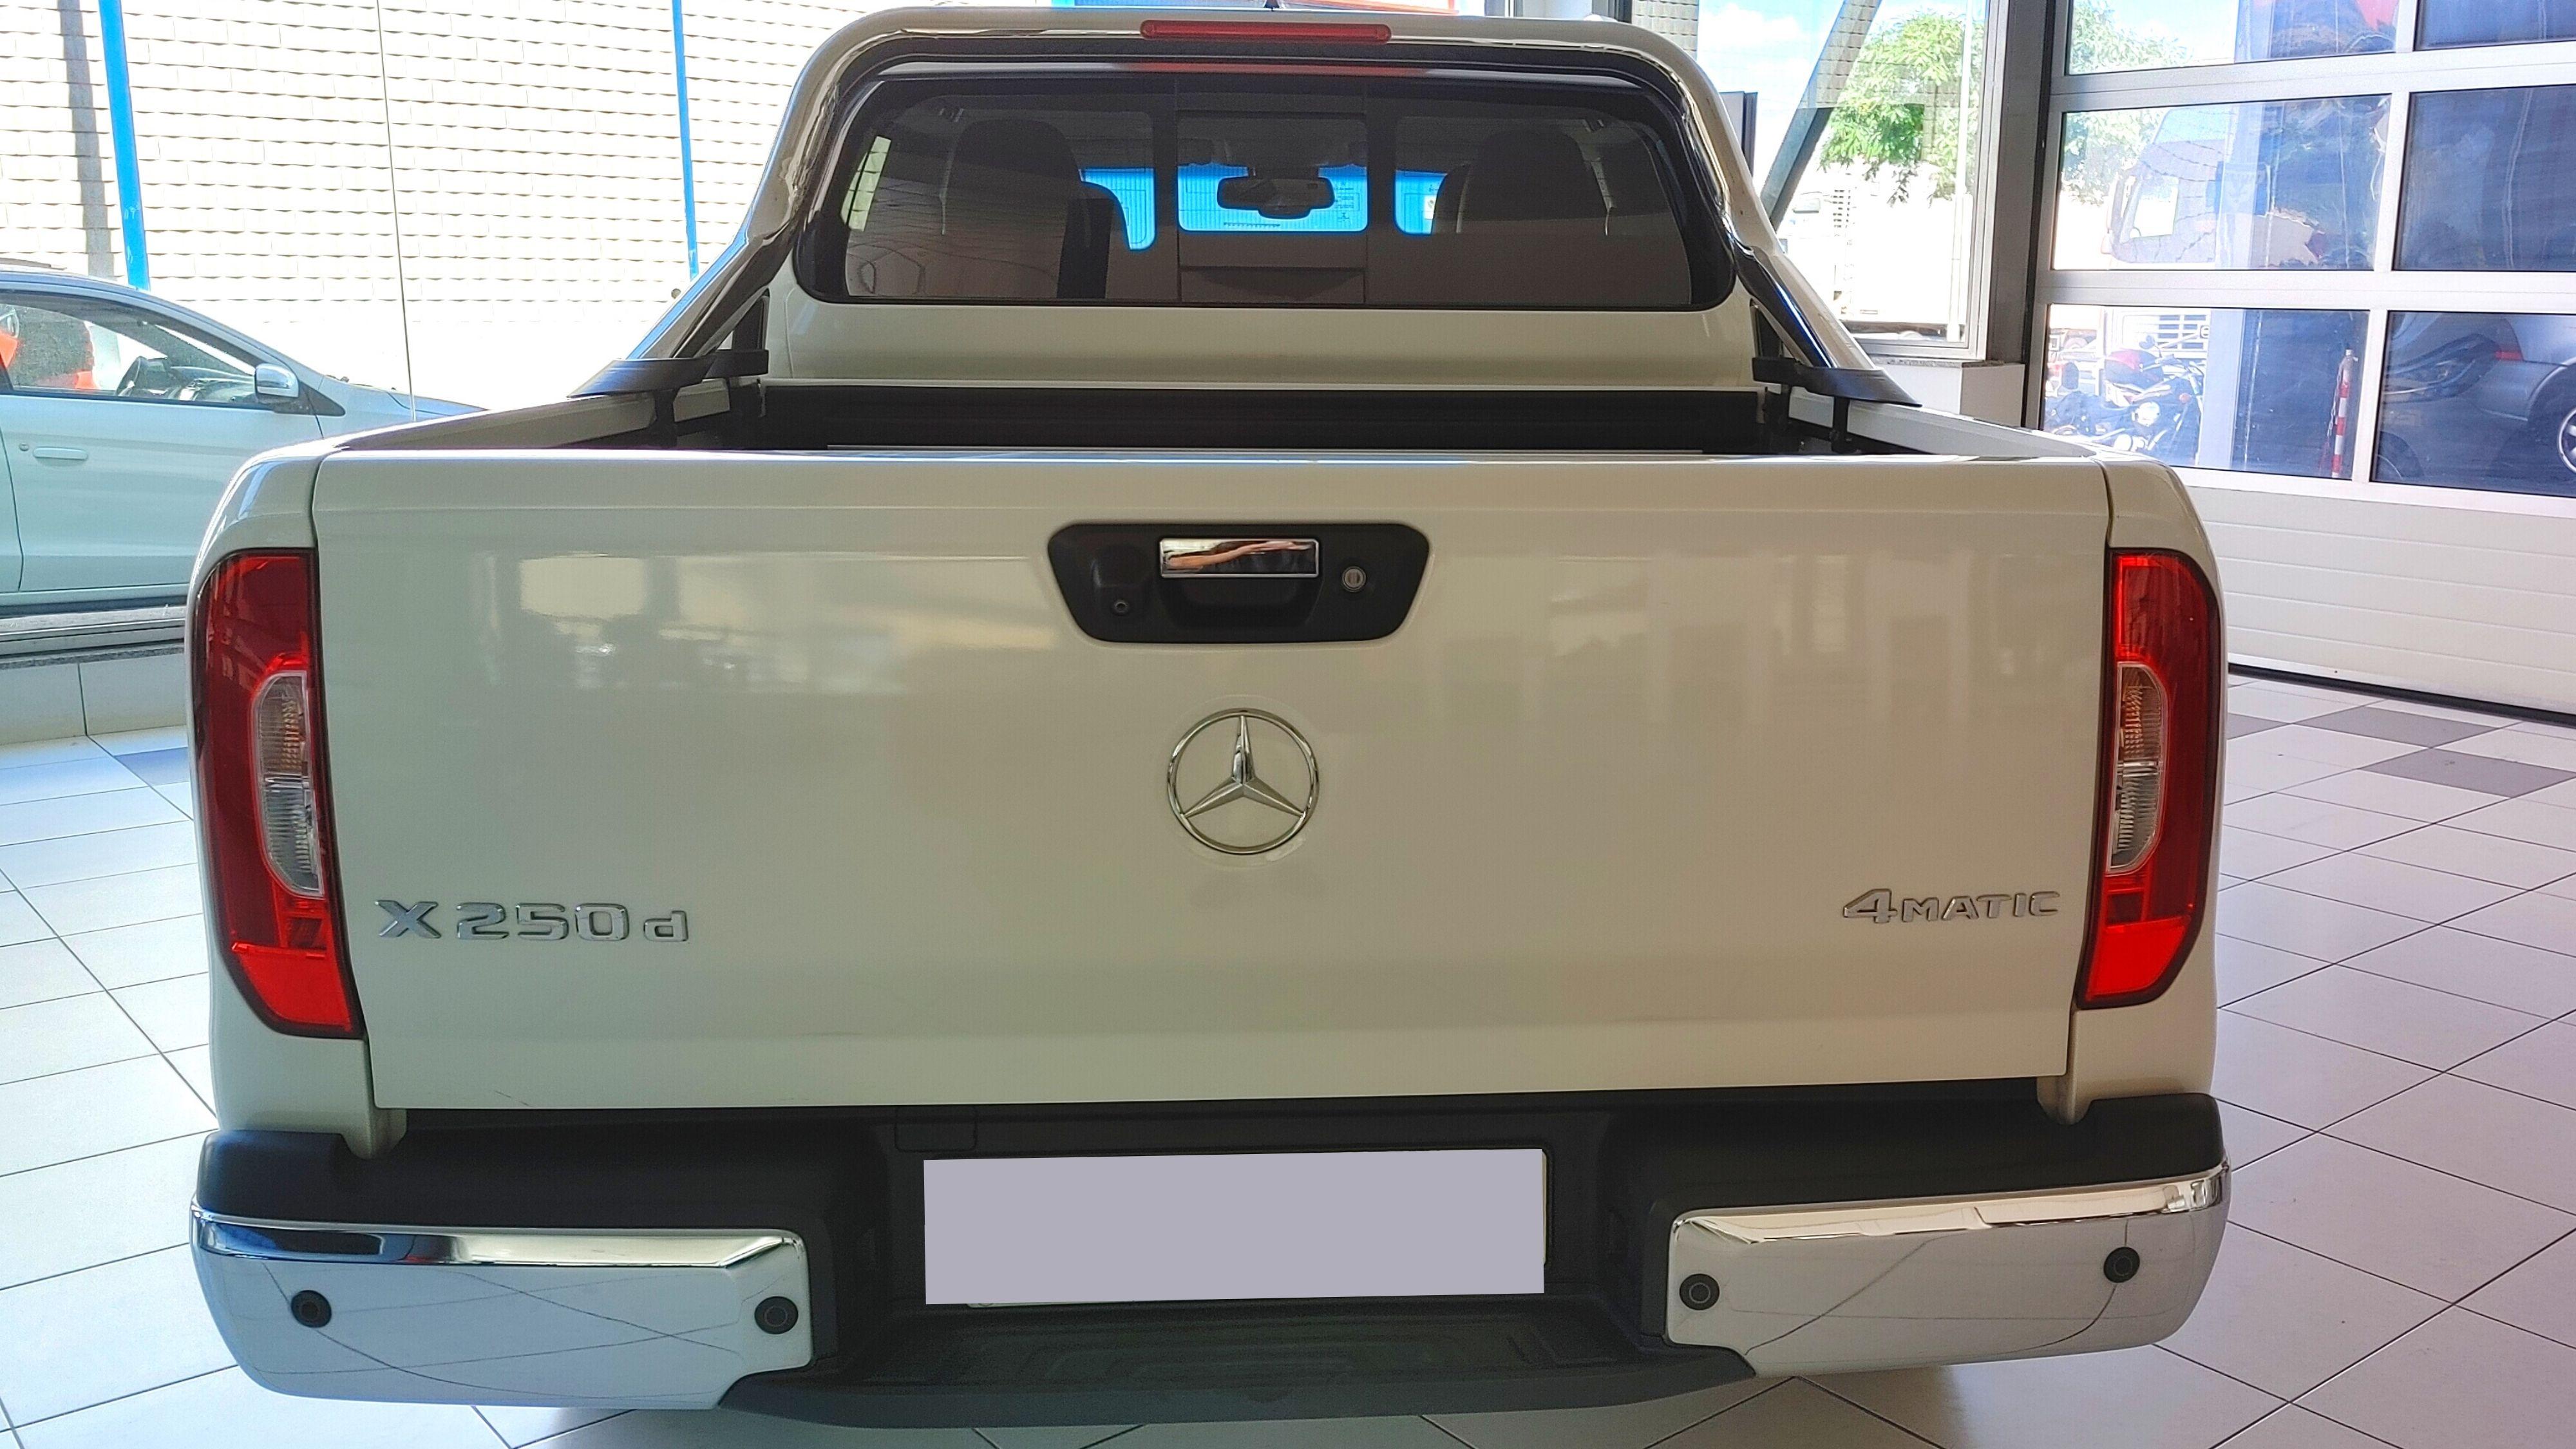 Vehículos de Ocasión MERCEDES-BENZ Clase X250d 4MATIC ENG